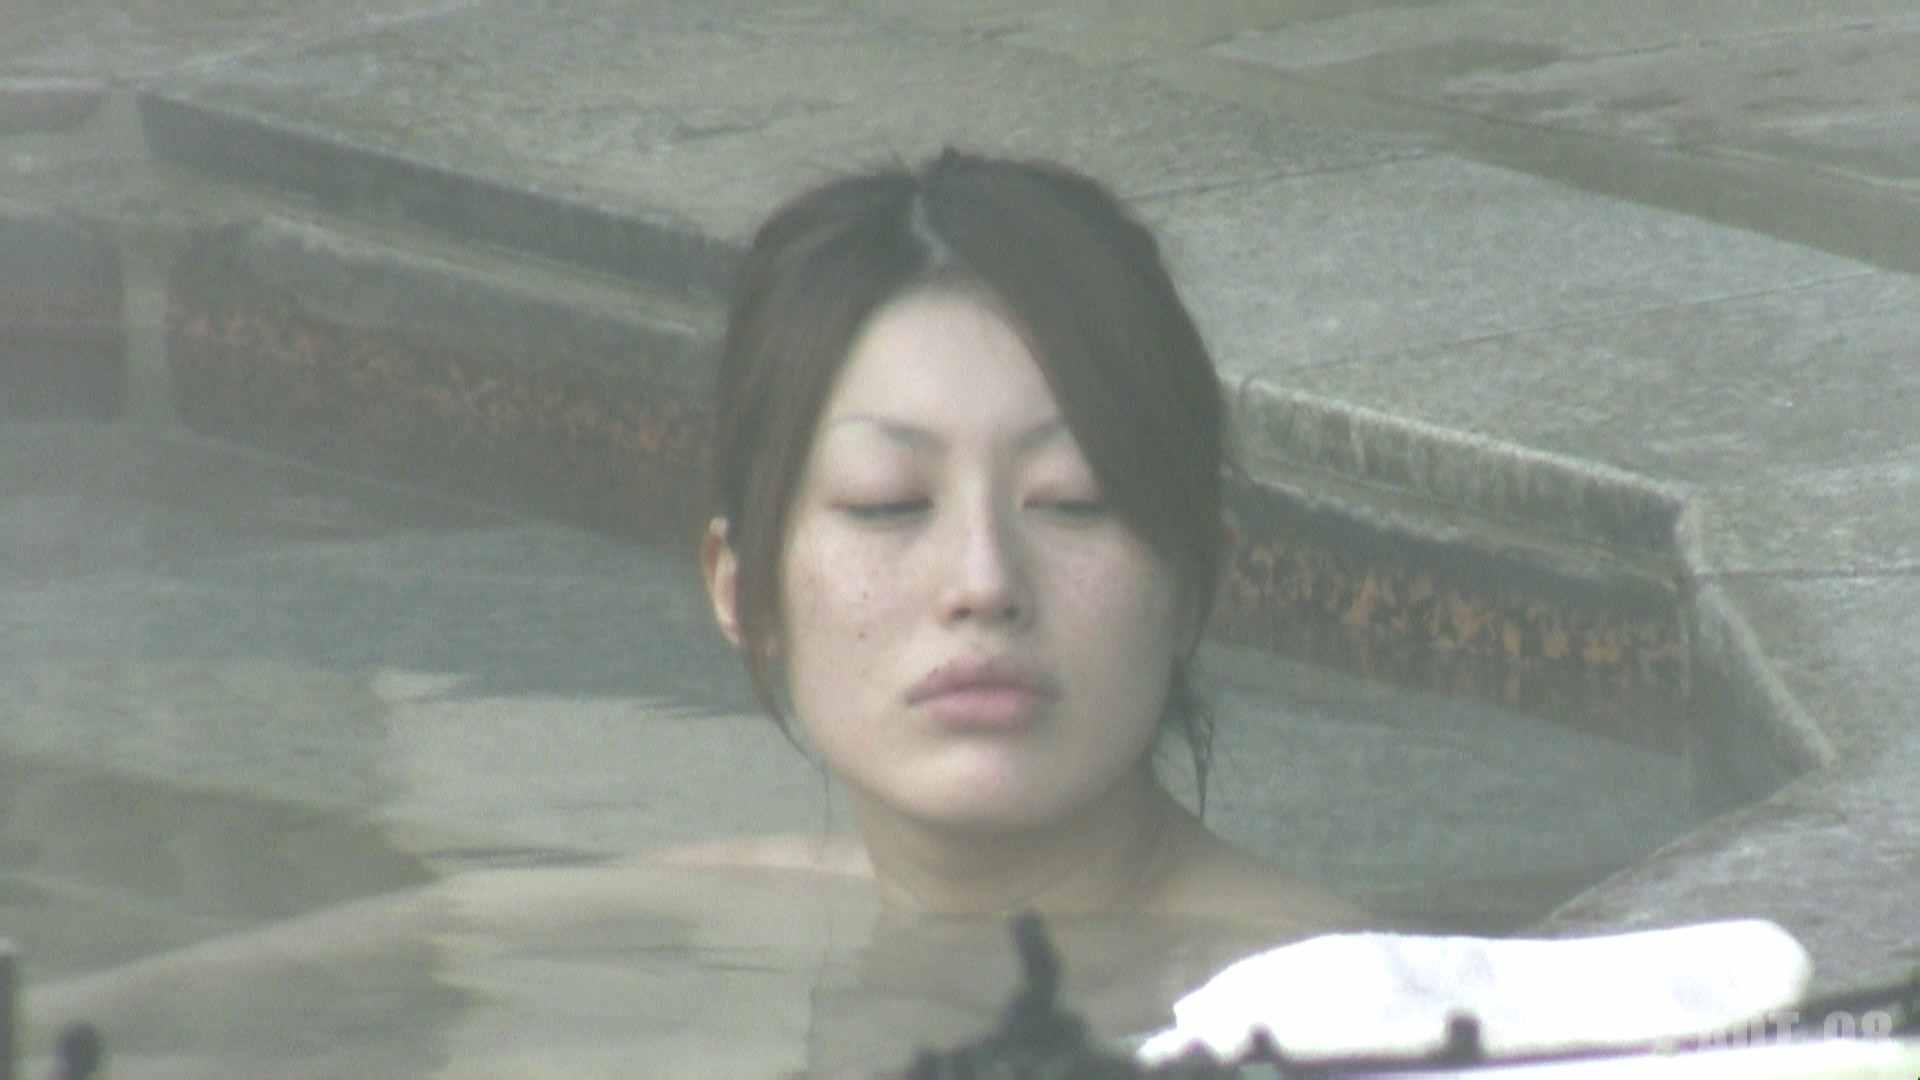 Aquaな露天風呂Vol.775 美しいOLの裸体  98pic 60